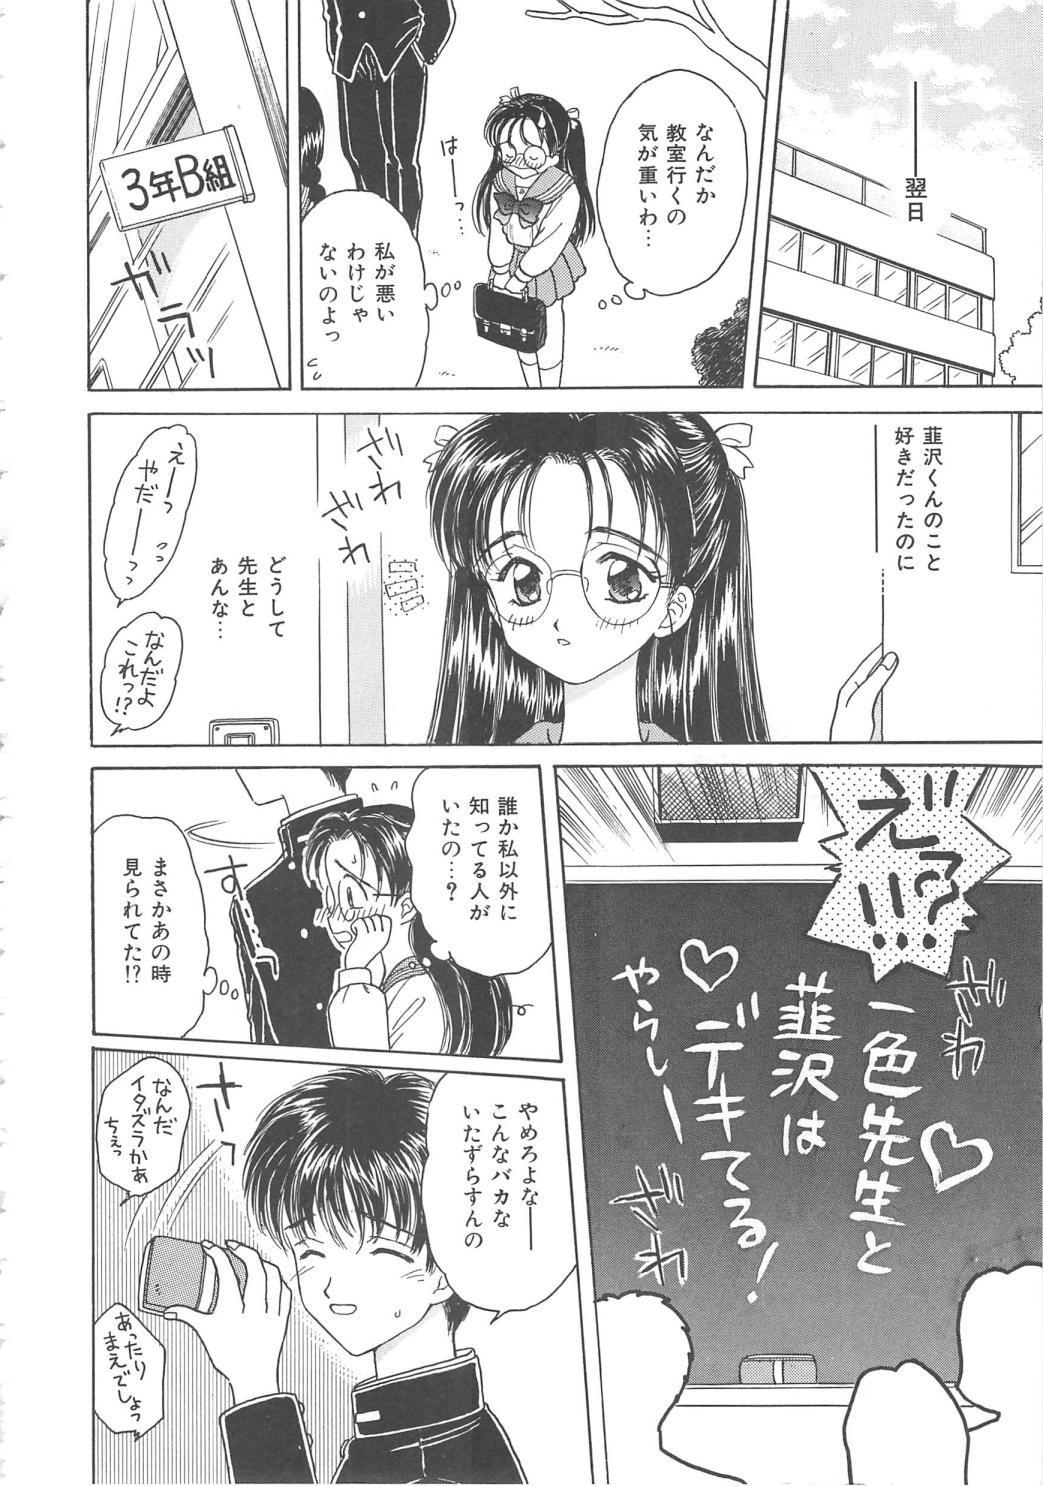 Shojyo Koutan 33